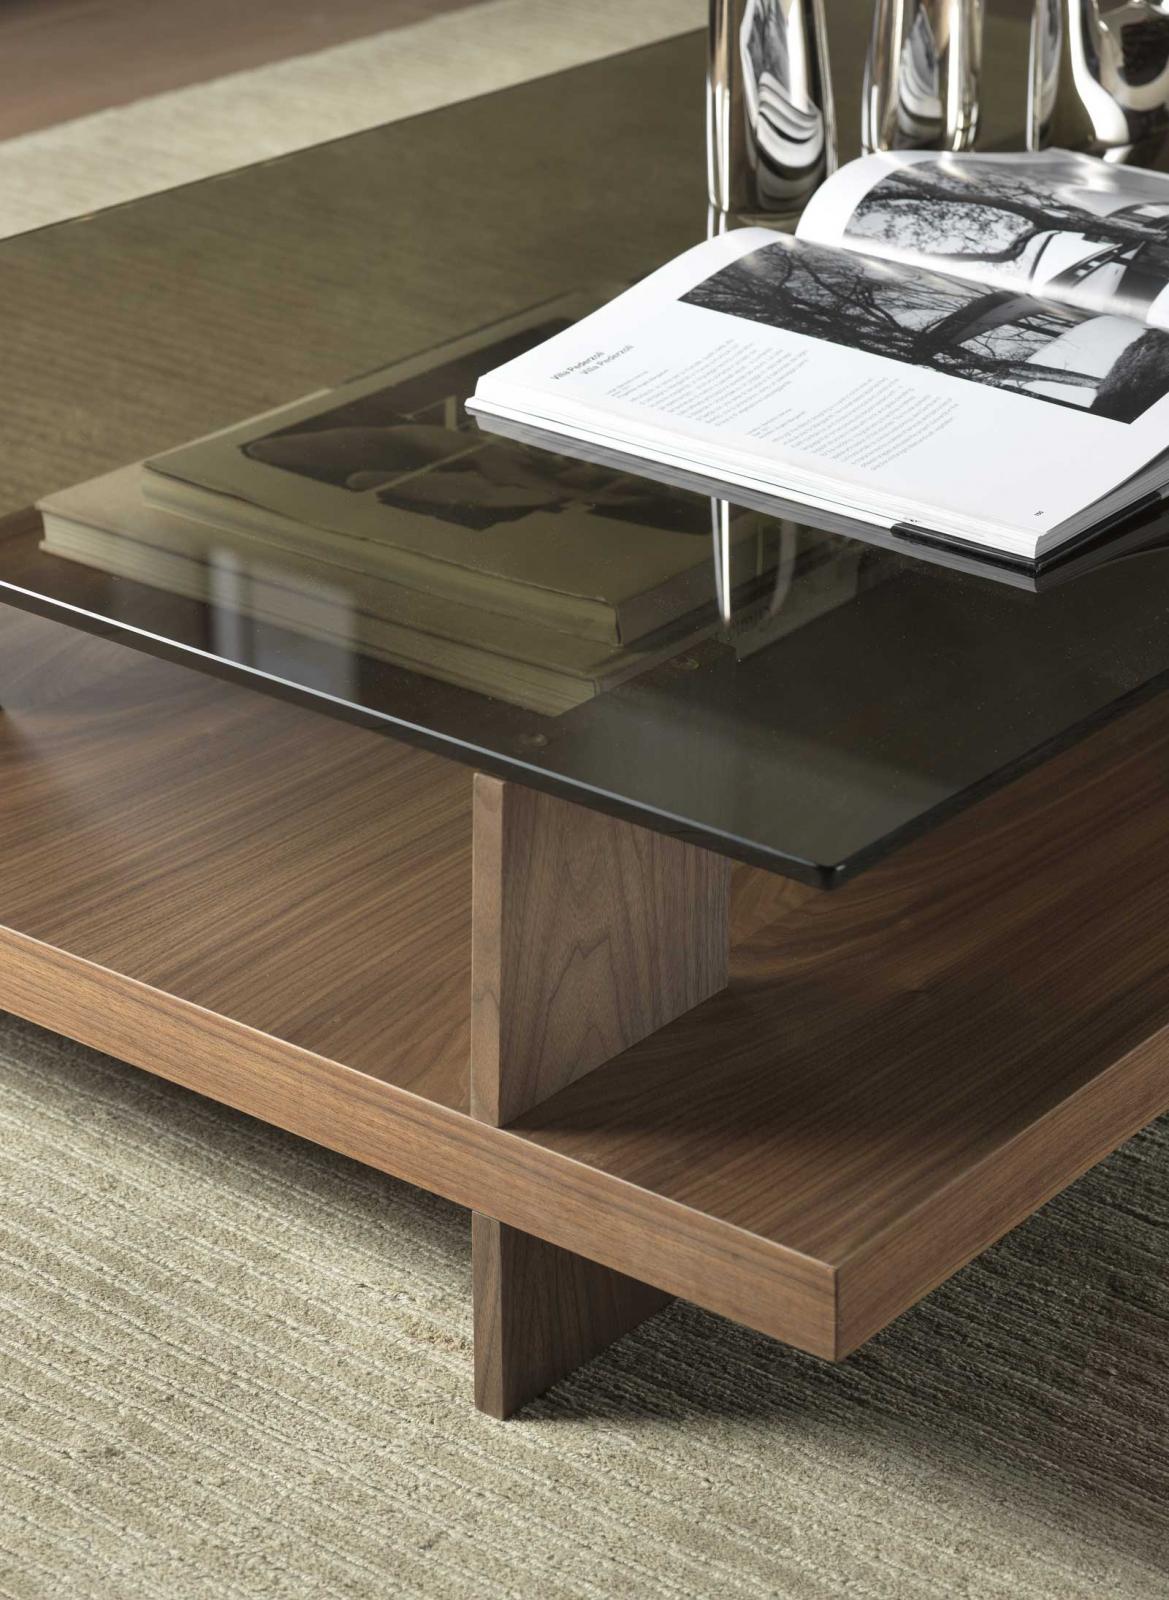 Tavolino quadrato o rettangolare in vetro e legno noce canaletto. Vendita online di arredamento design made in Italy di alta qualità. Consegna gratuita.